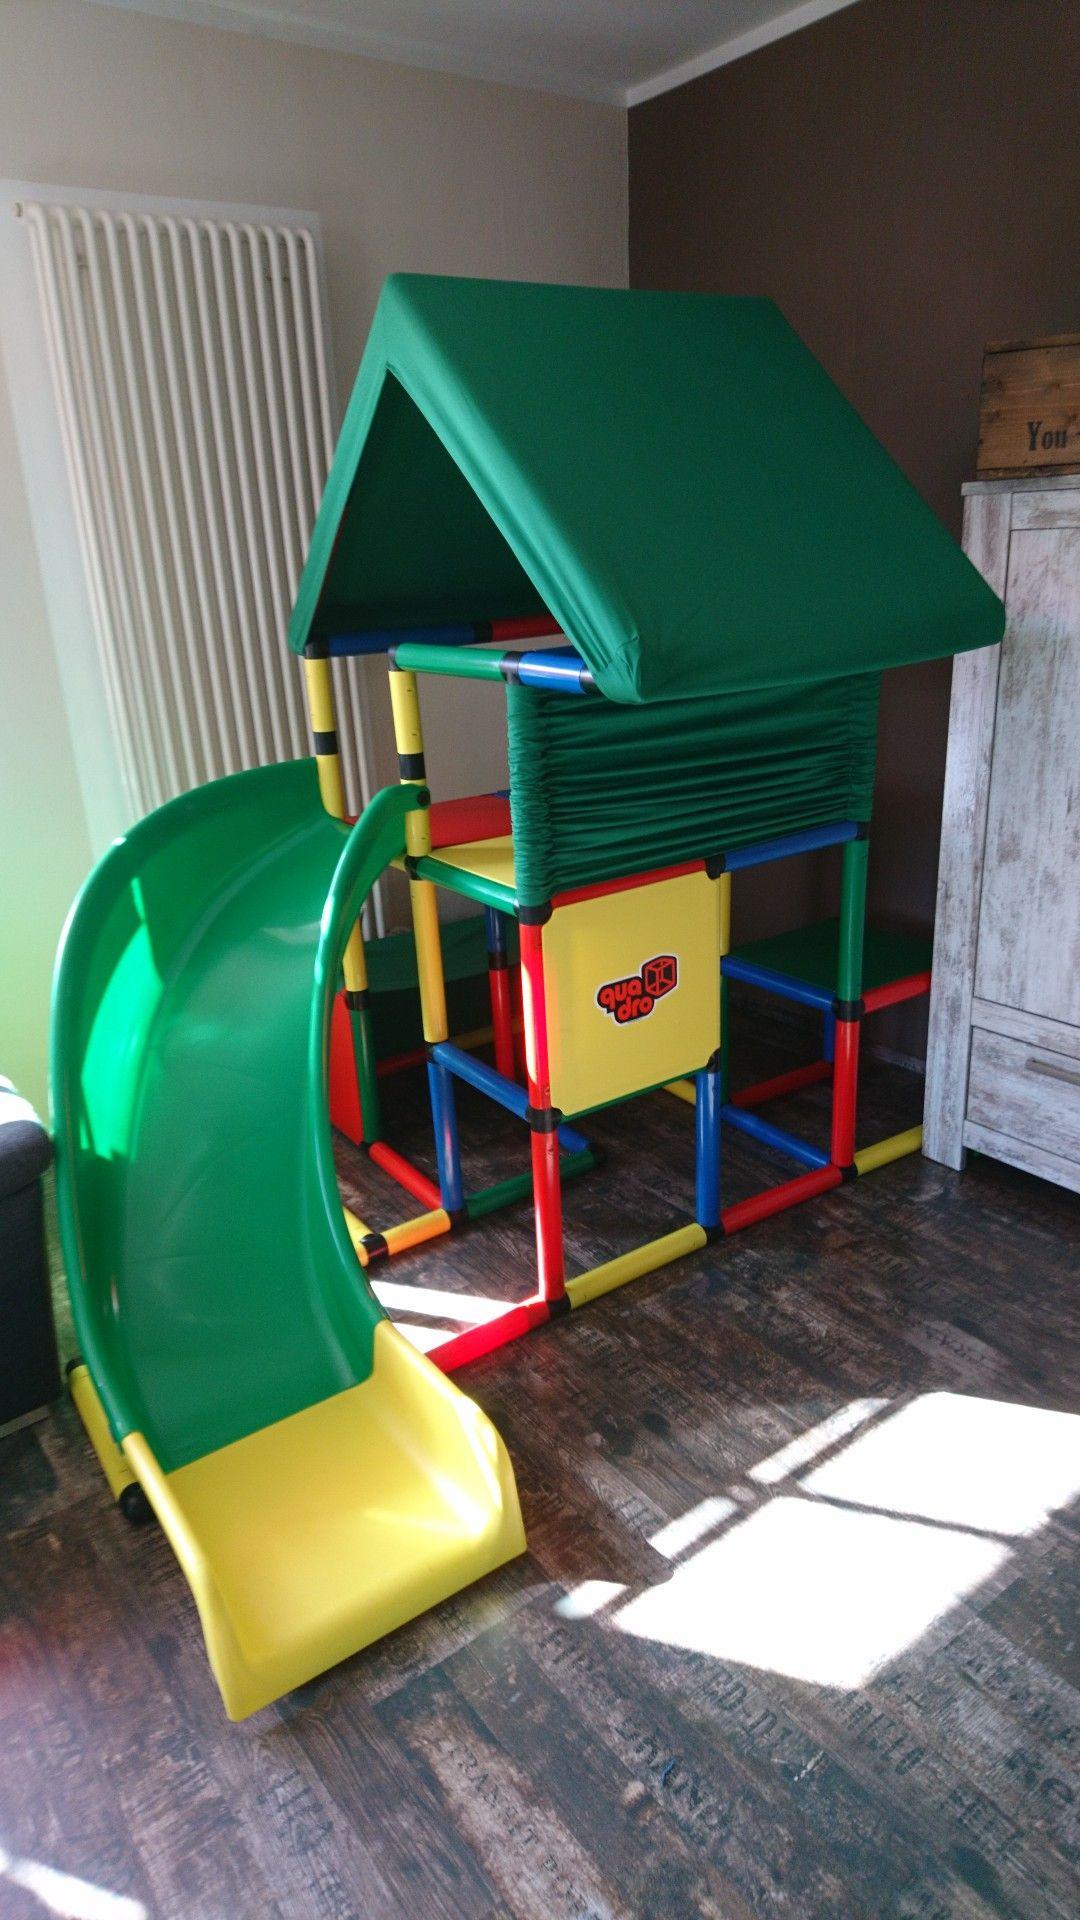 Full Size of Quadro Klettergerst Regal Kinderzimmer Wei Sofa Klettergerüst Garten Wohnzimmer Klettergerüst Canyon Ridge